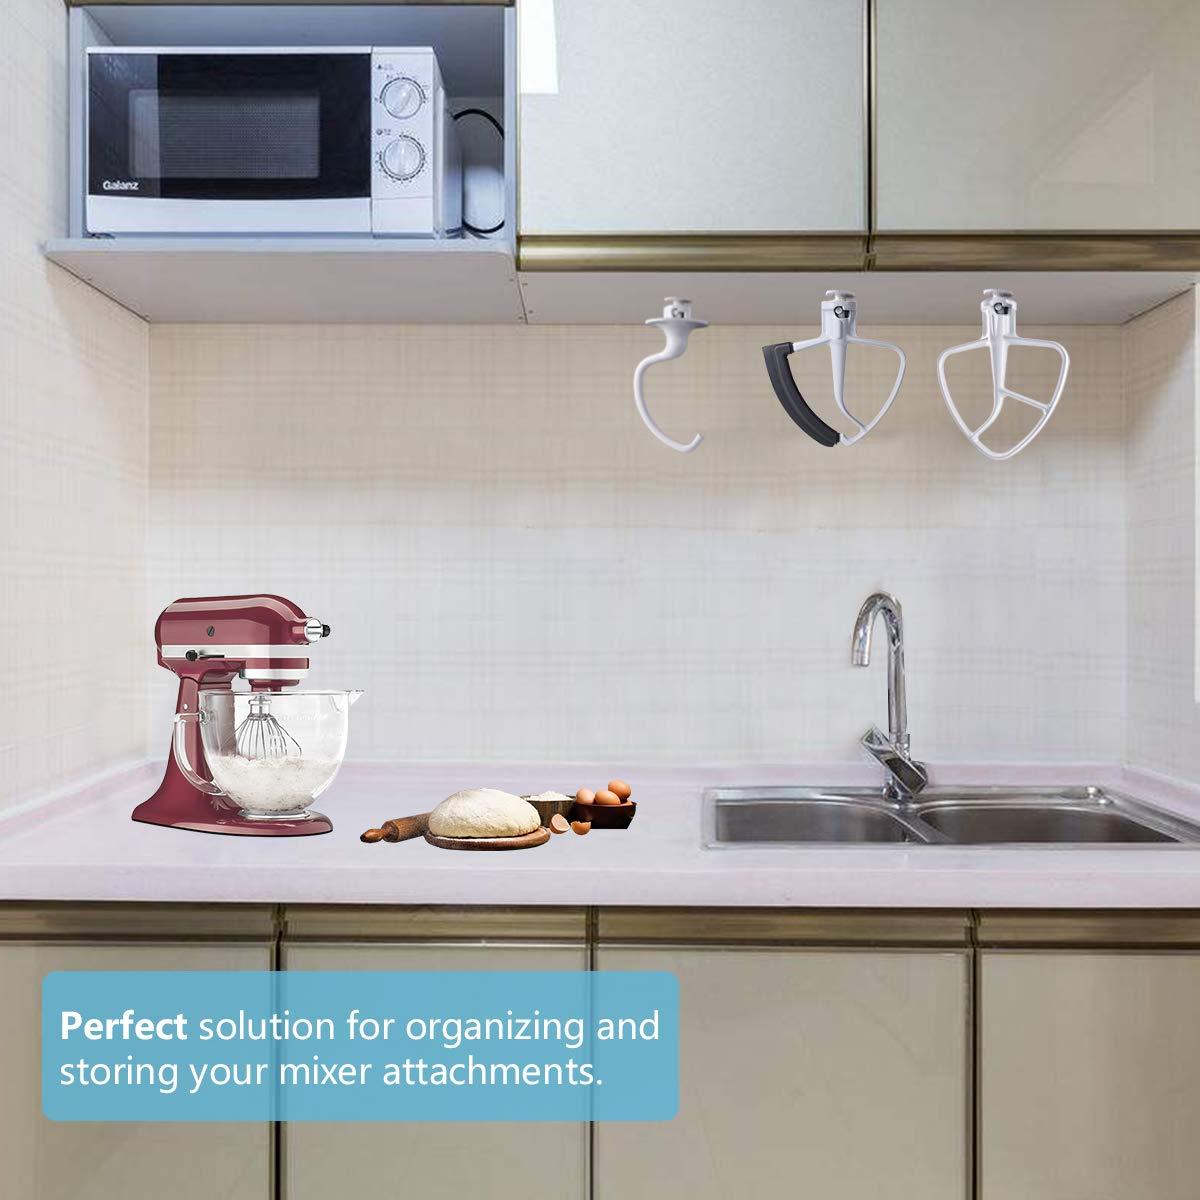 accessori per frusta metallica ganci per impasti supporto per mixer KitchenAid Lanmu frusta piatta accessorio compatibile con mixer KitchenAid Flex Edge confezione da 4 supporto da parete